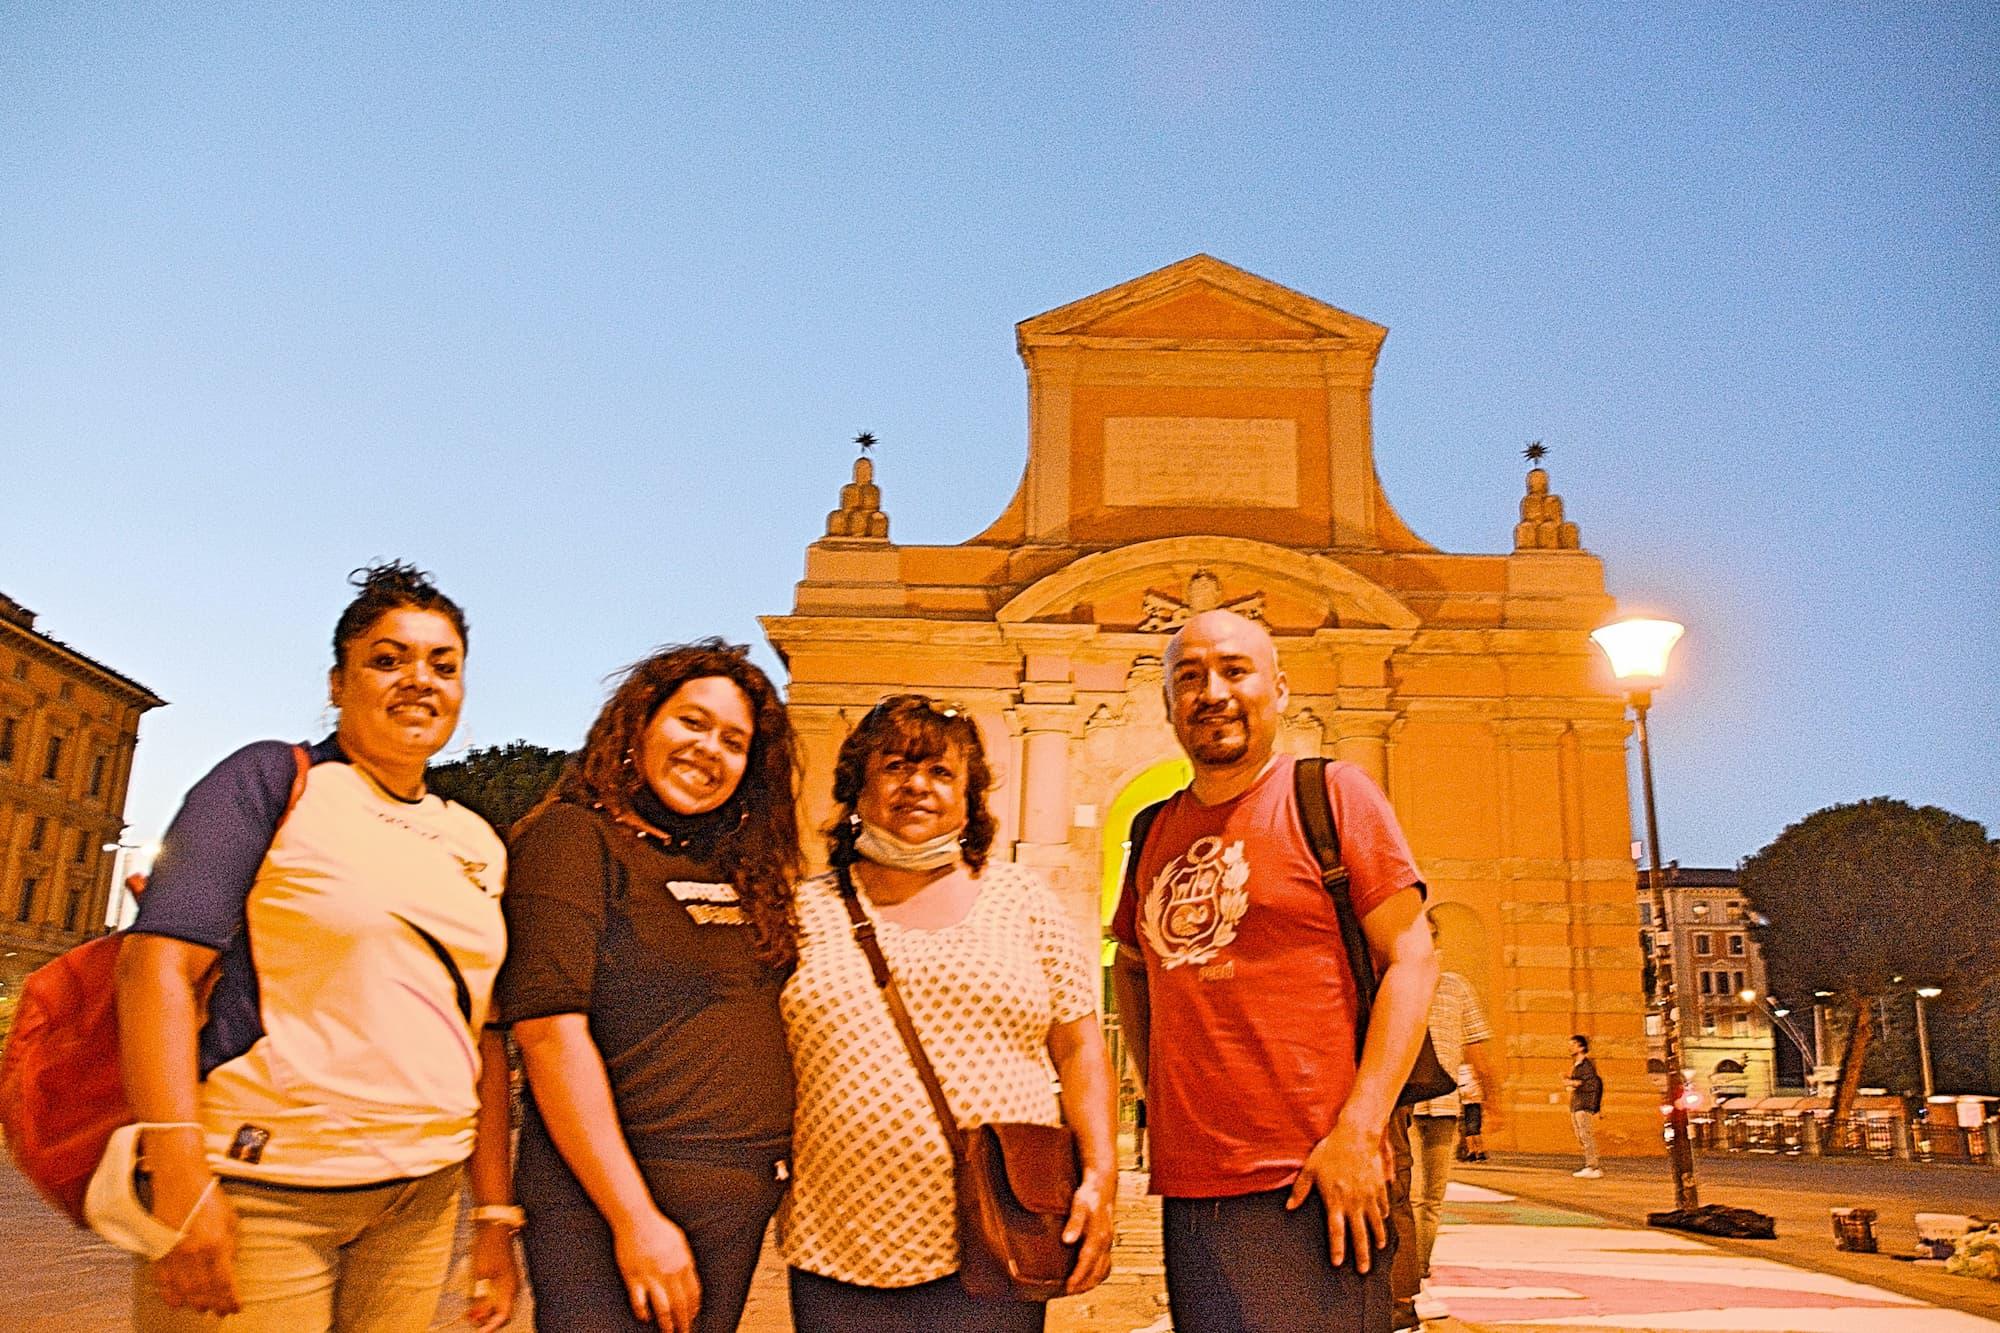 写真左から2人目がDorothy(ドロシー)さん。写真右は参加者への連絡をこまめに行ってくれたペルー出身のJosé Venancio(ホゼ・ヴェナンシオ)さん。「これだから外国人の活動はダメだ」と言わせないために、活動中も会場のゴミをこまめに拾うなど一生懸命頑張ってくれていた。